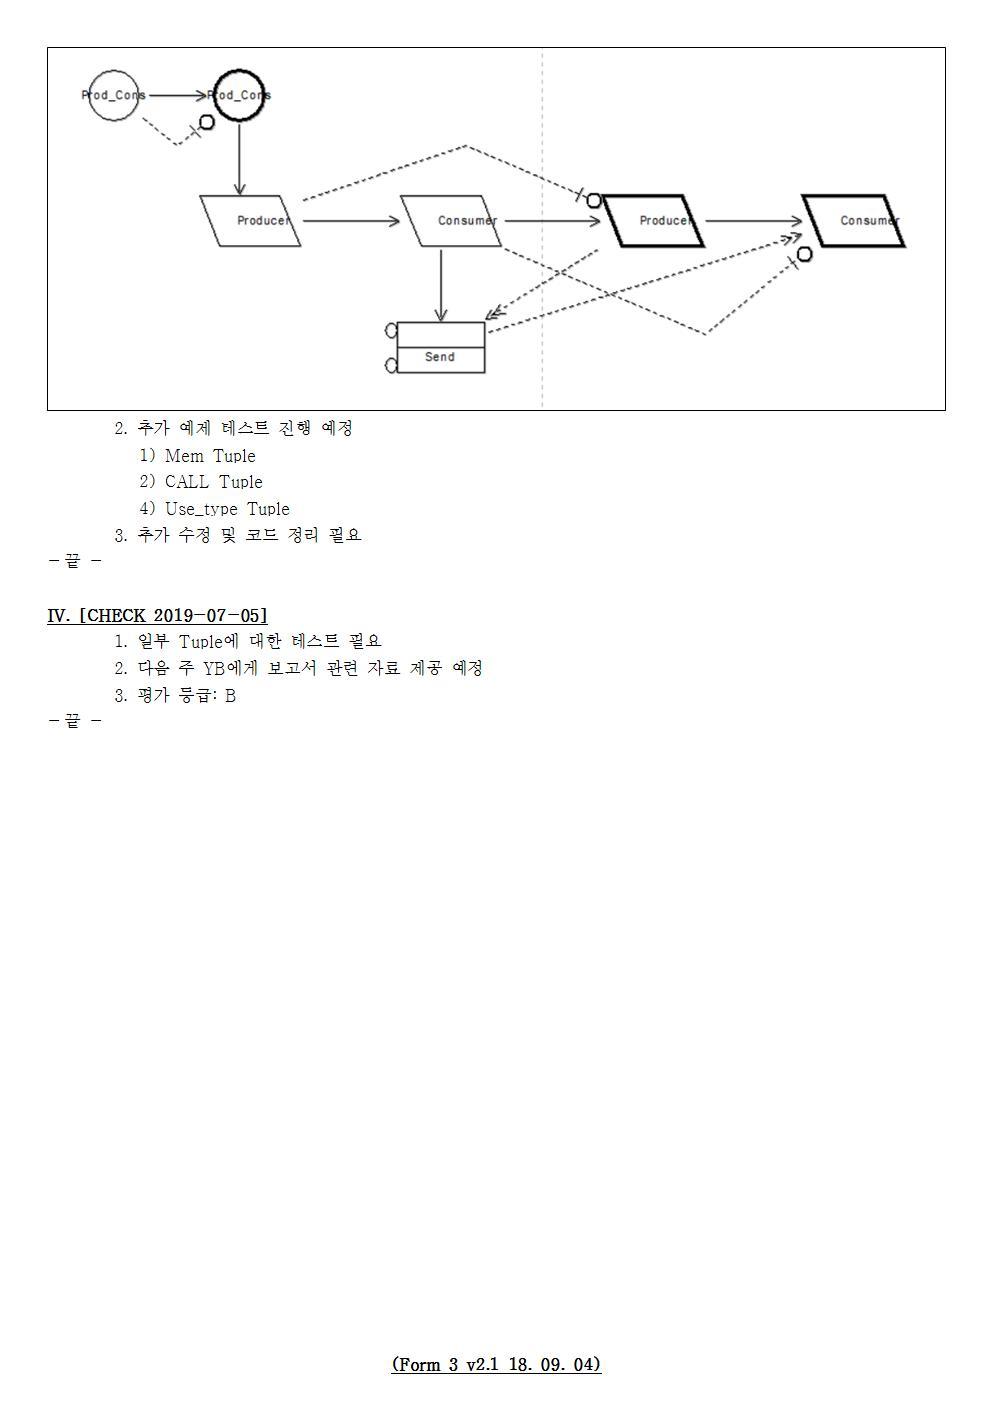 D-[19-003-RD-03]-[Tool-SRRE-1.X]-[2019-07-05][JS]-[19-7-1]-[P+D+C]002.jpg